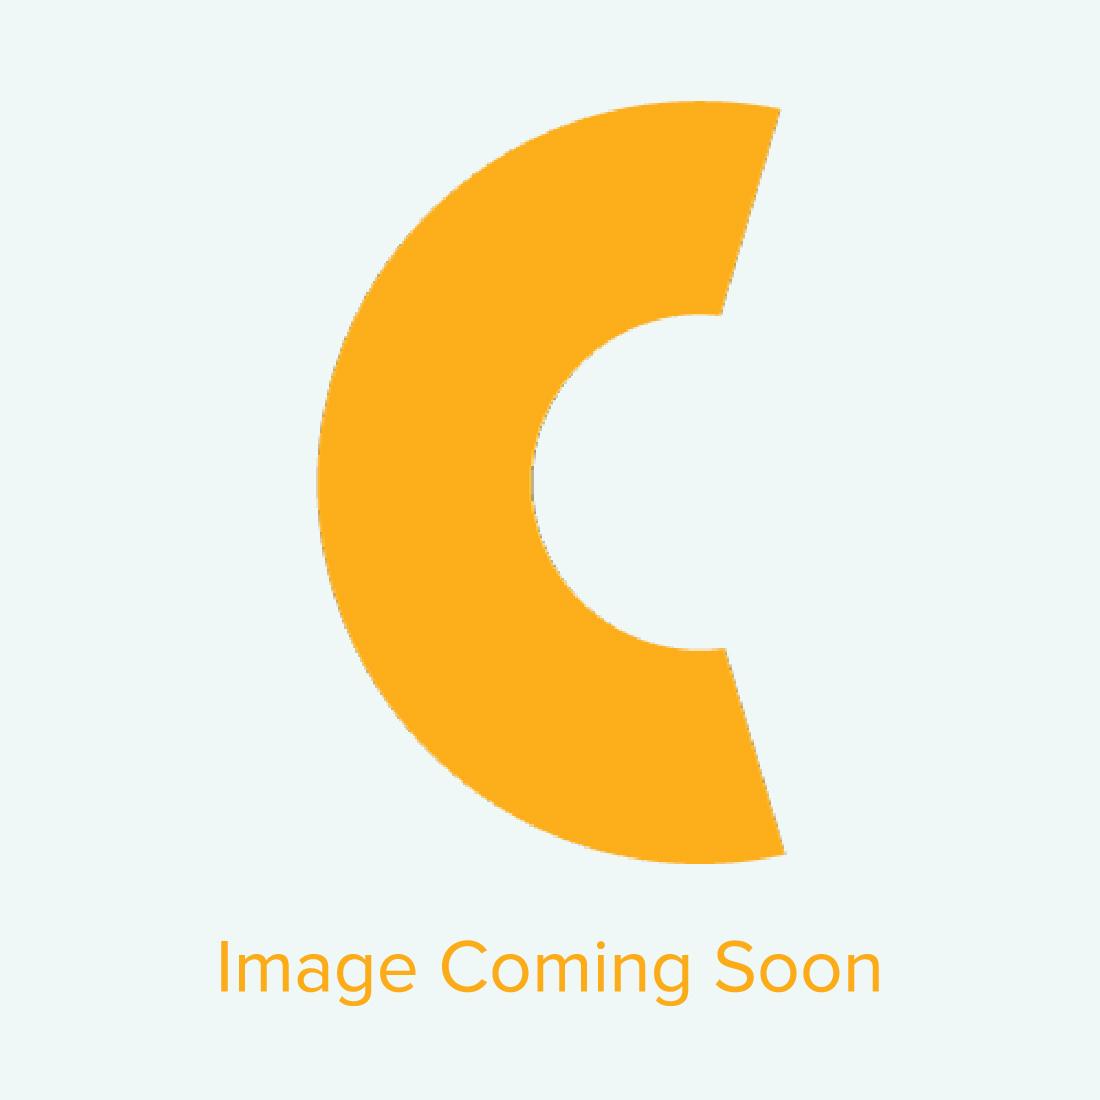 OKI Data Pro 920WT/910 Fusing Unit - Replacement Fuser